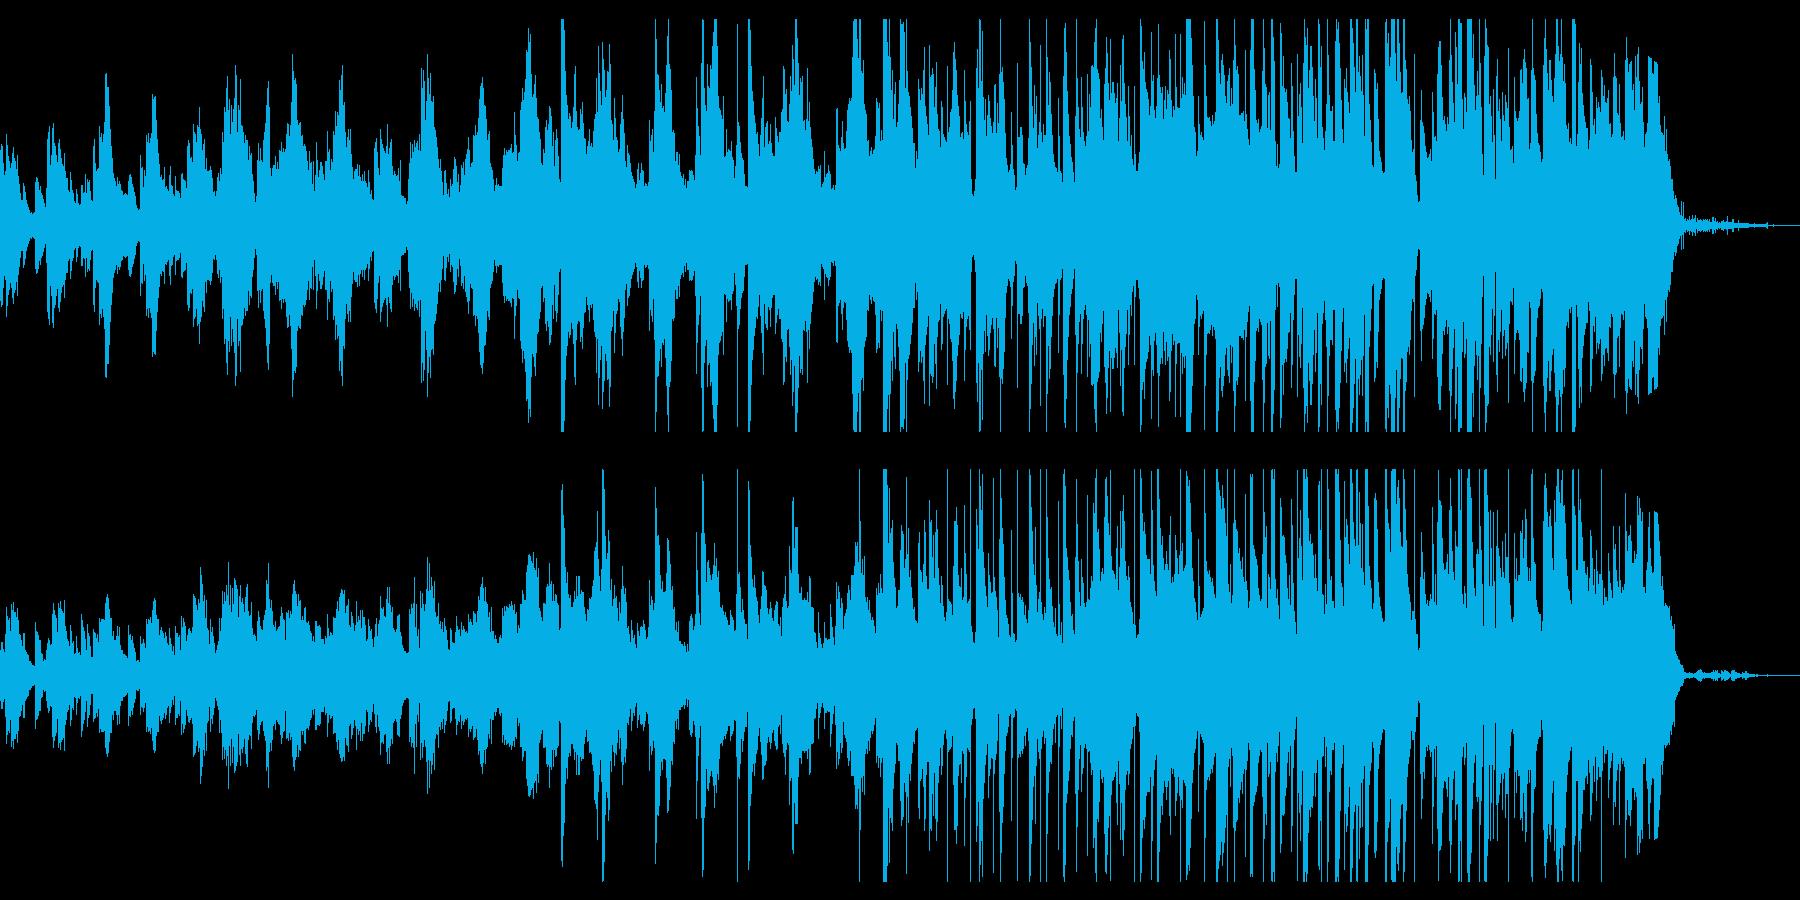 森をイメージした癒しBGMの再生済みの波形